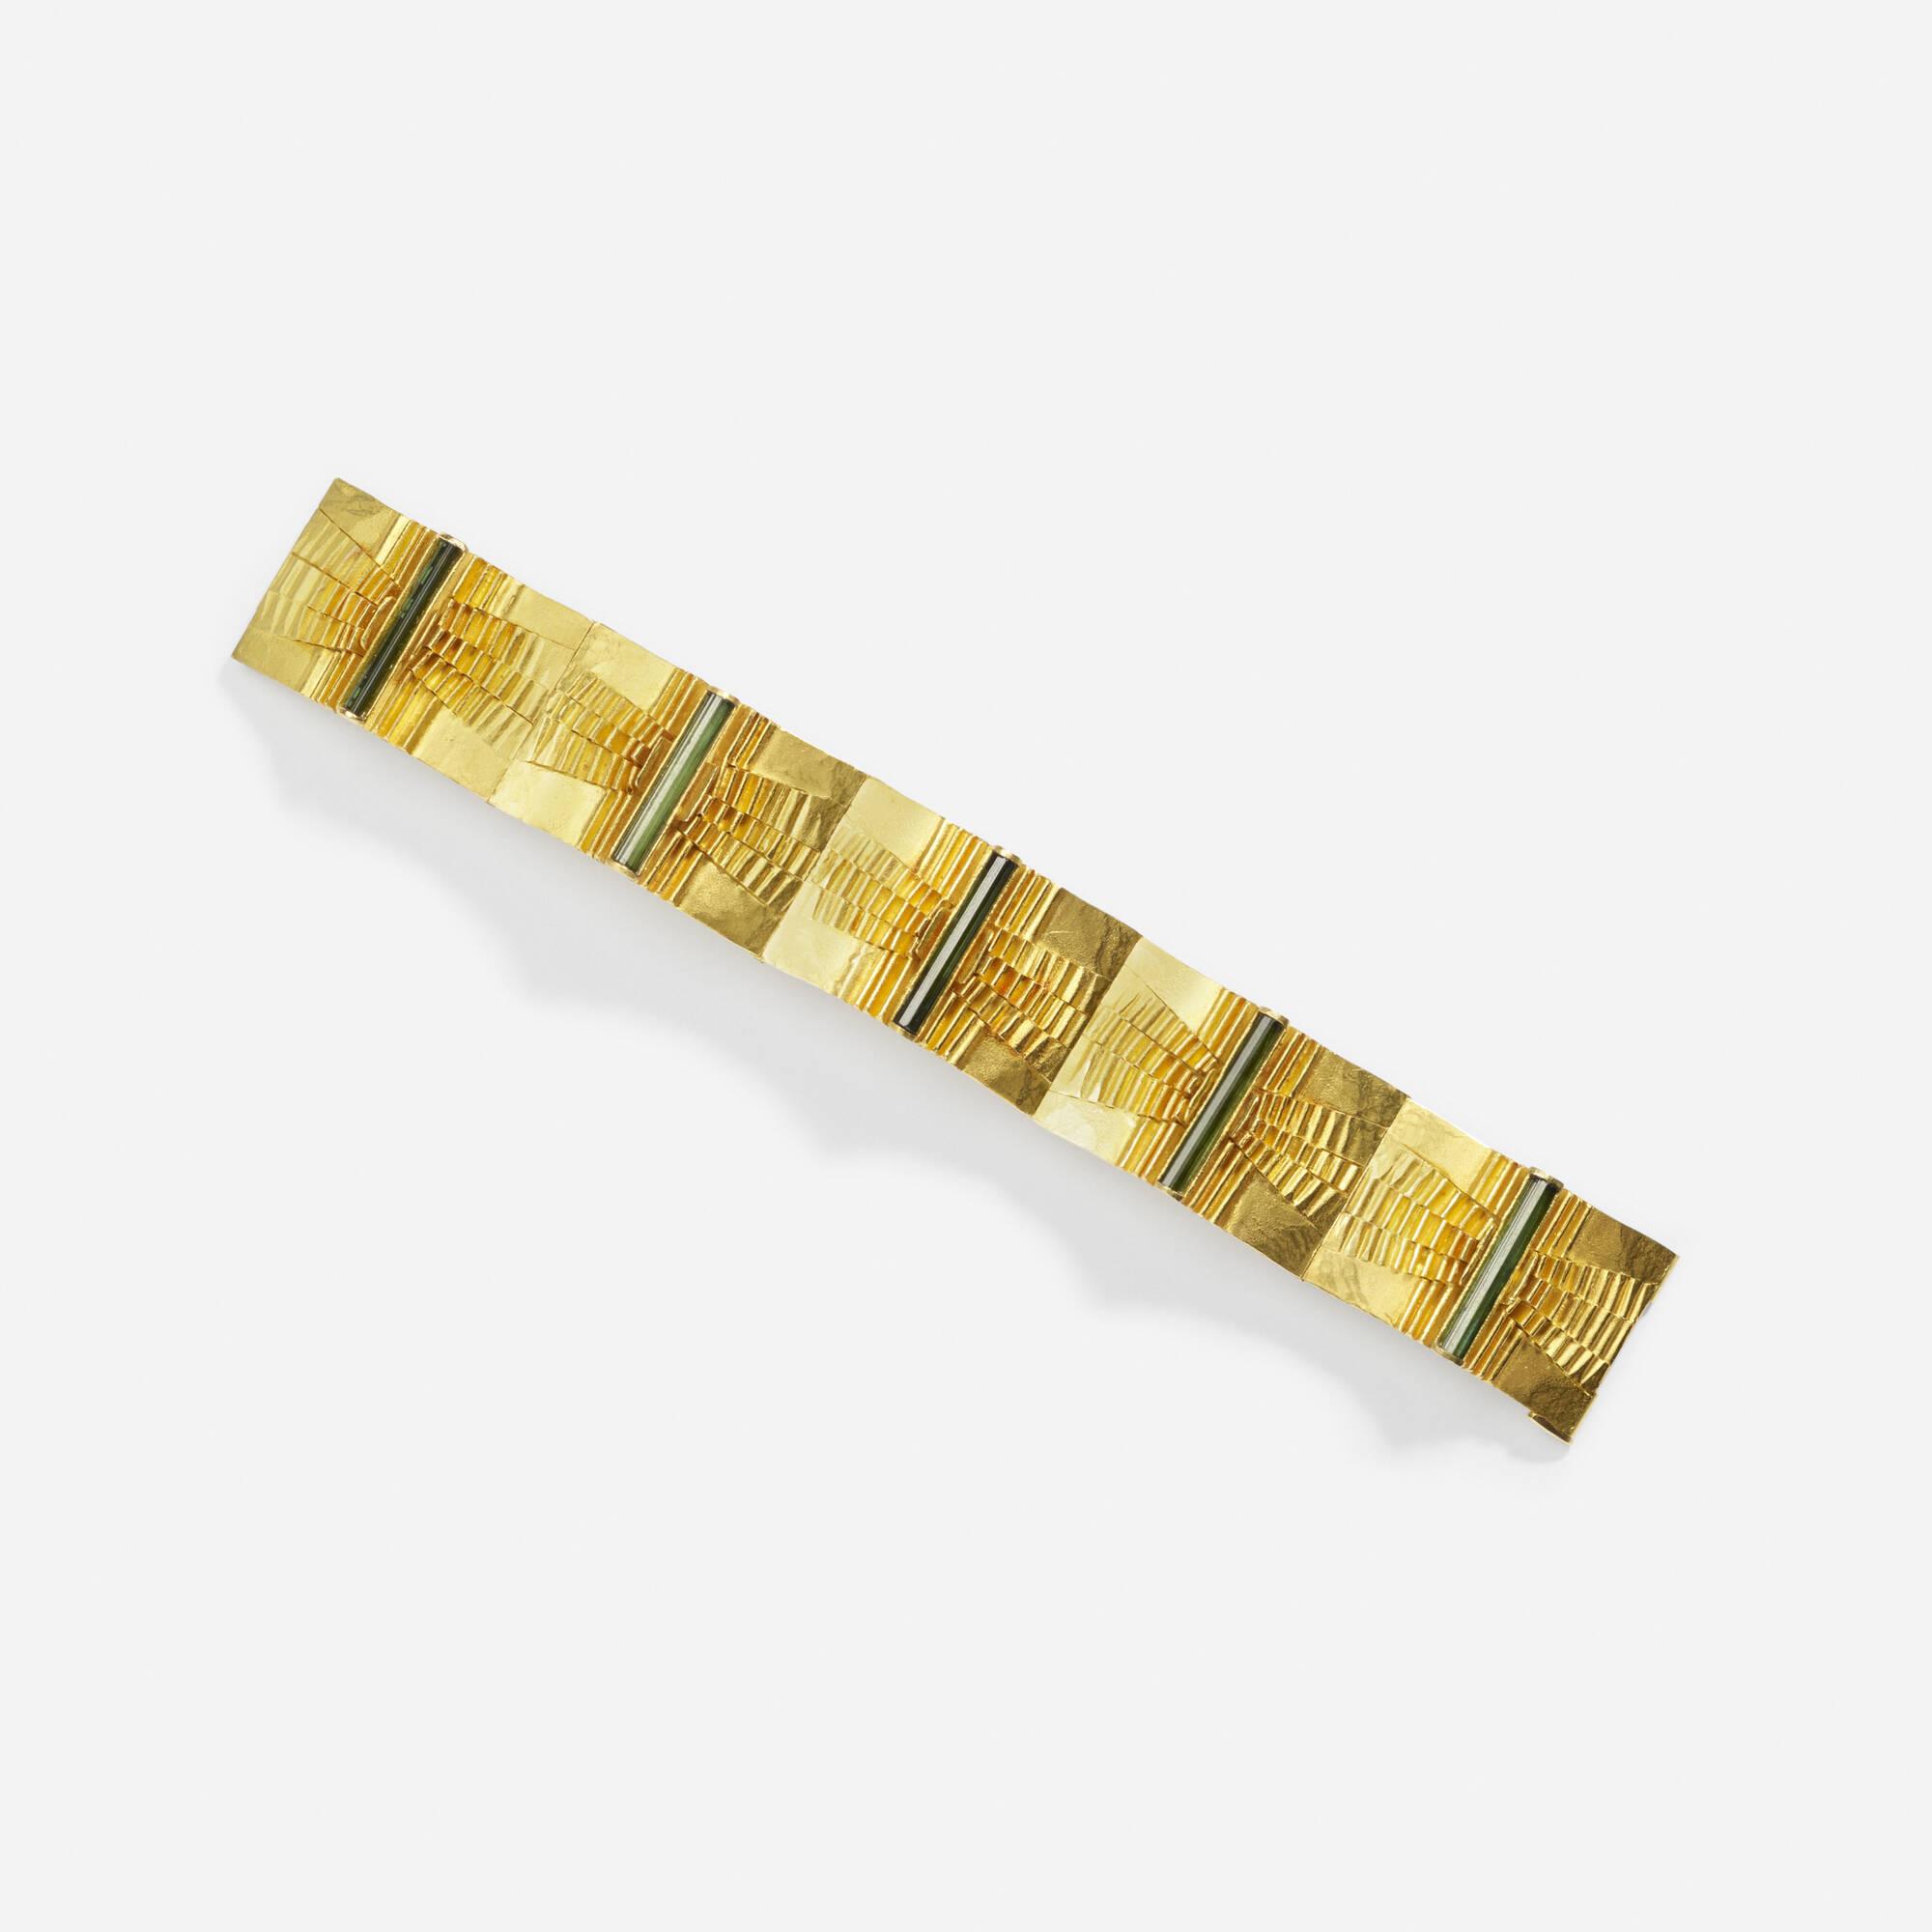 205: Peter Heyden / A gold and green tourmaline bracelet (1 of 1)